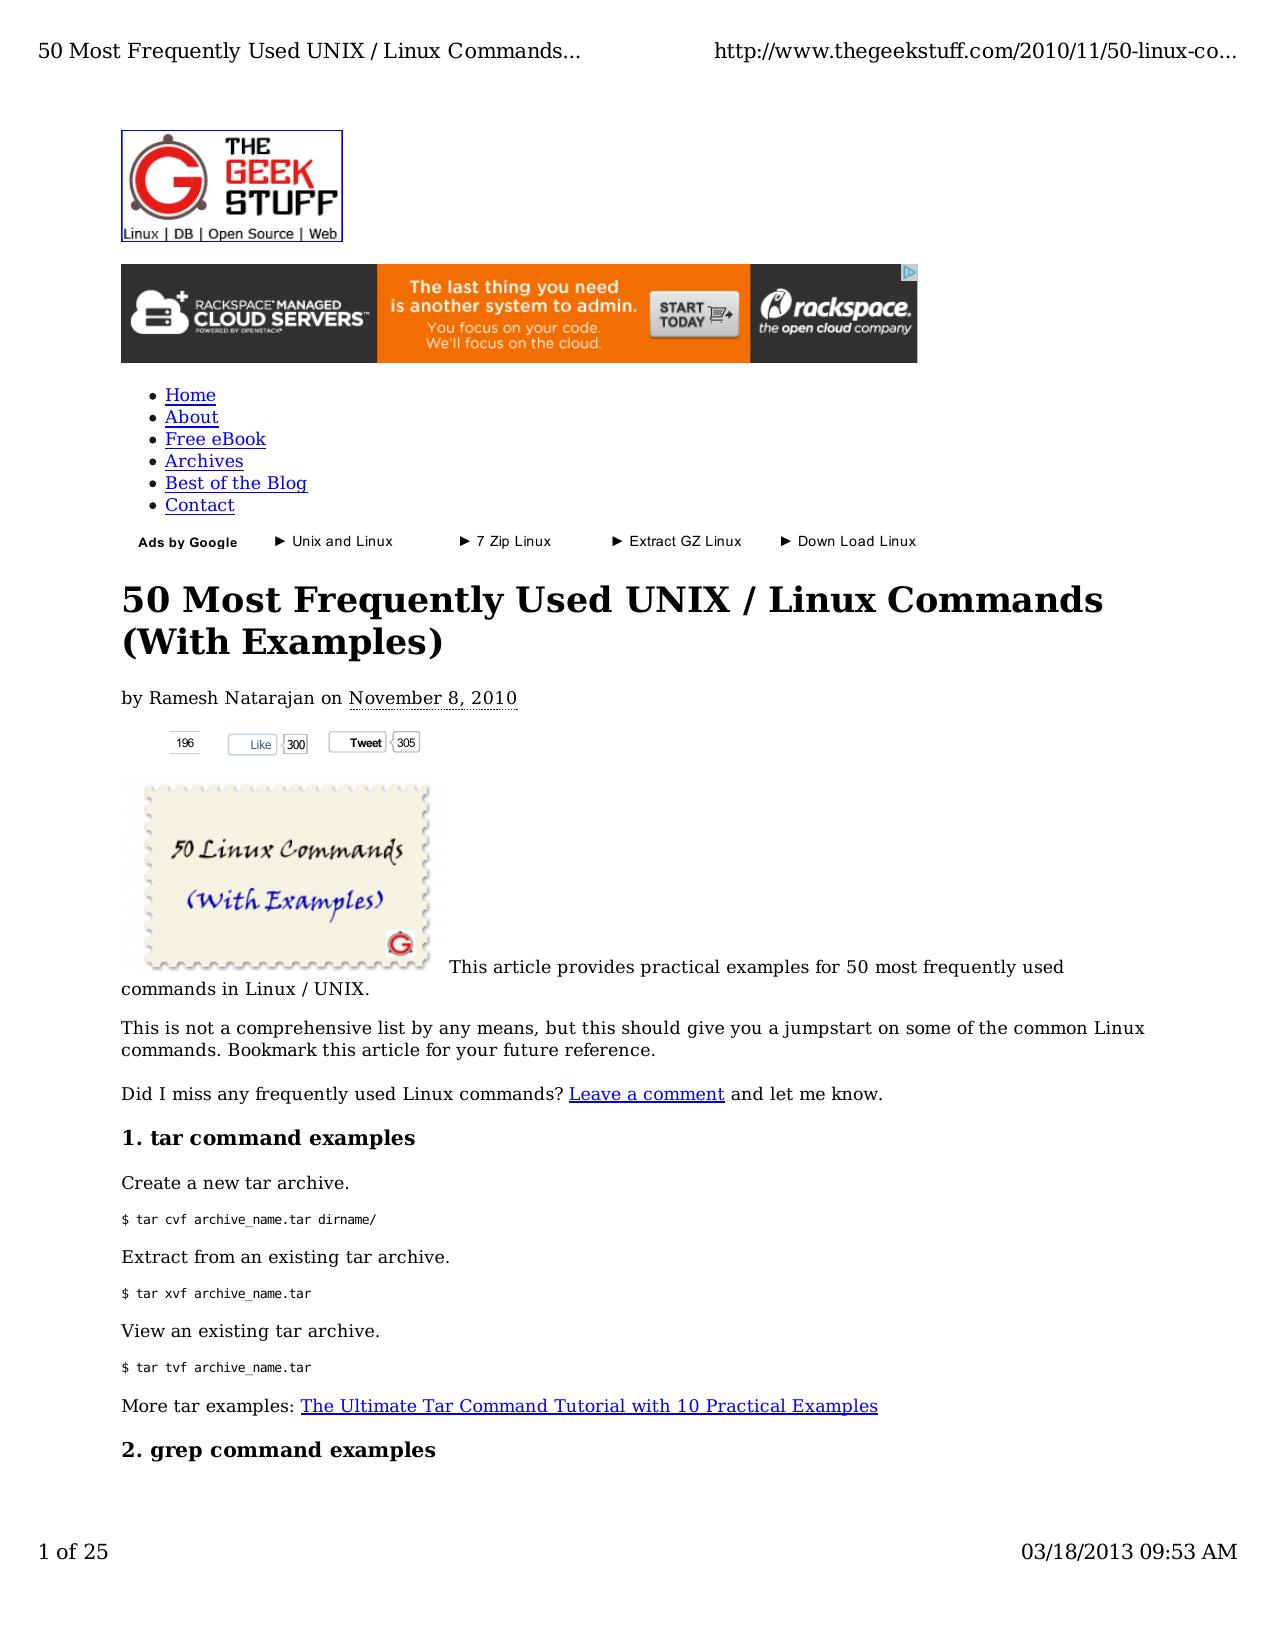 7 Zip Linux